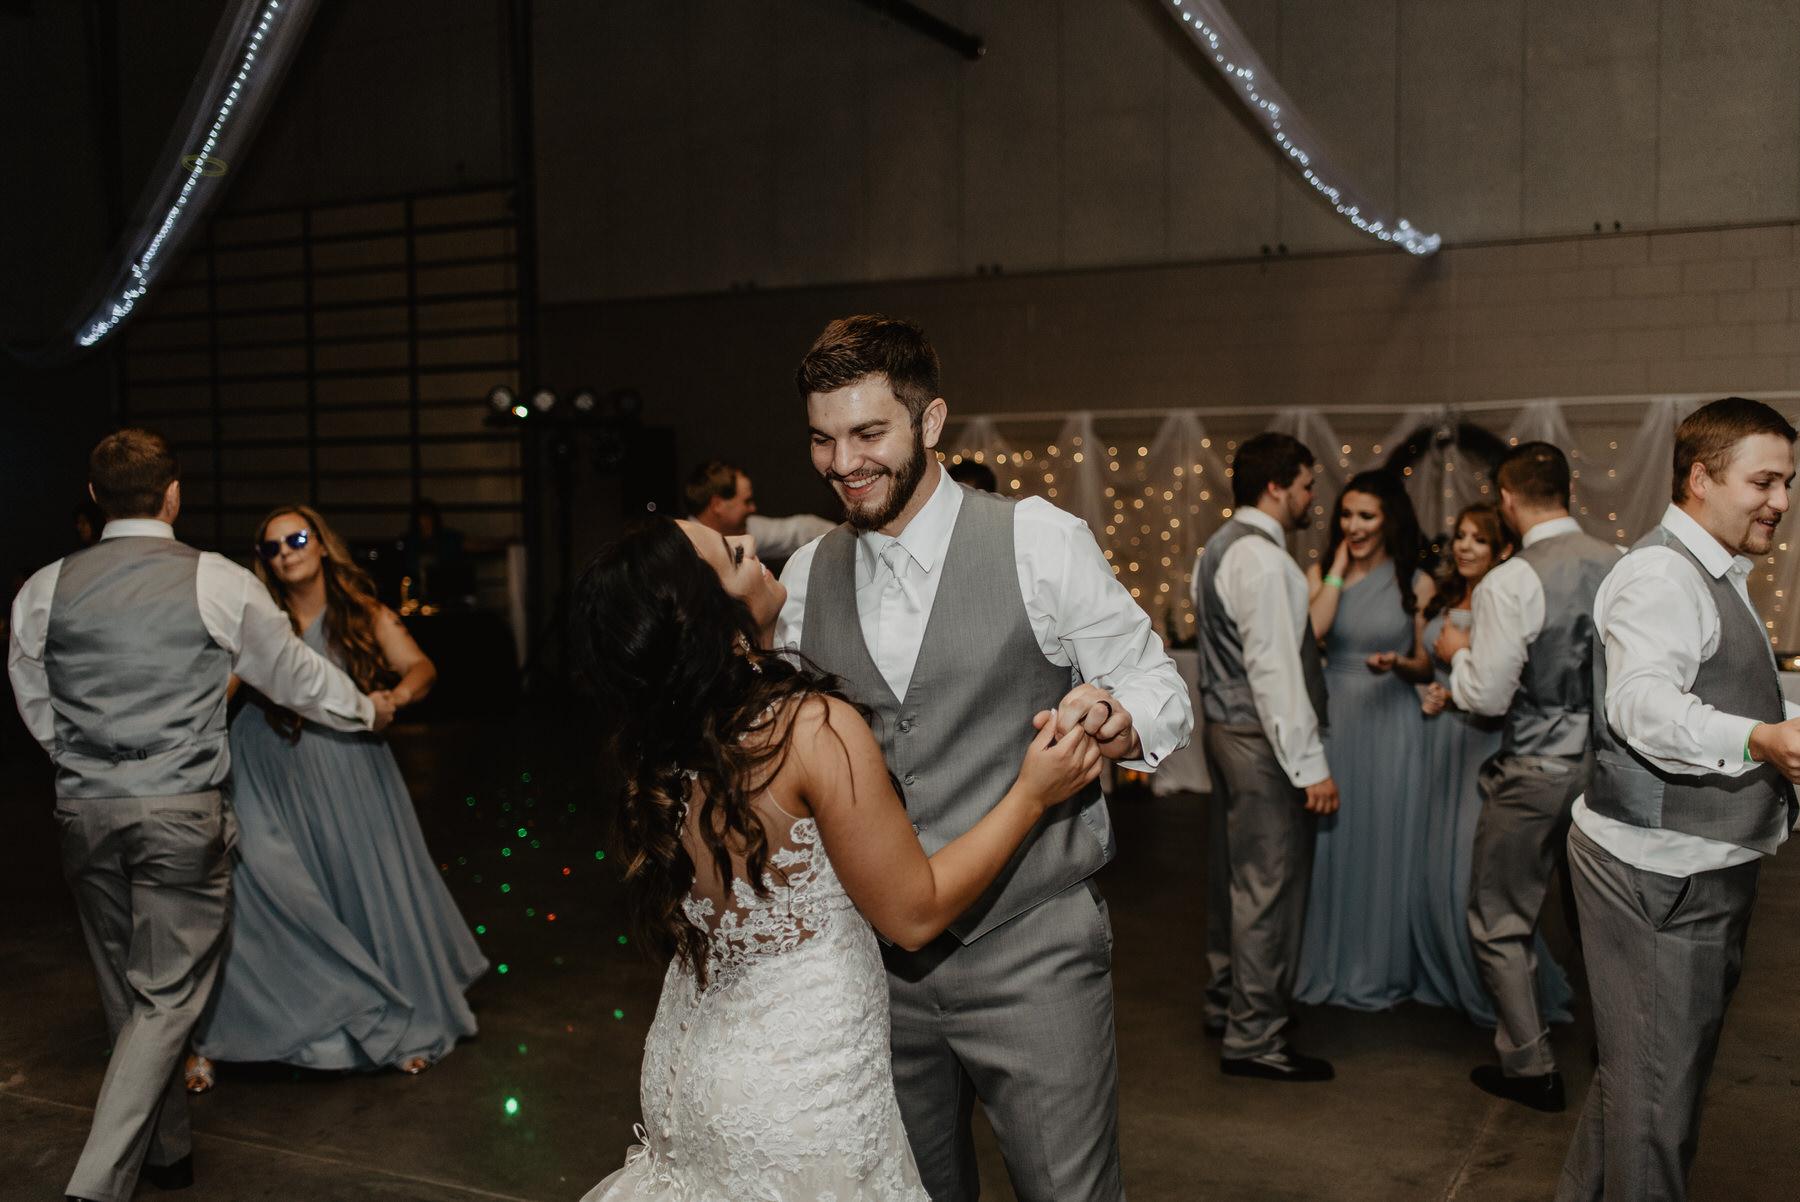 Kaylie-Sirek-Photography-Kearney-Nebraska-Wedding-119.jpg